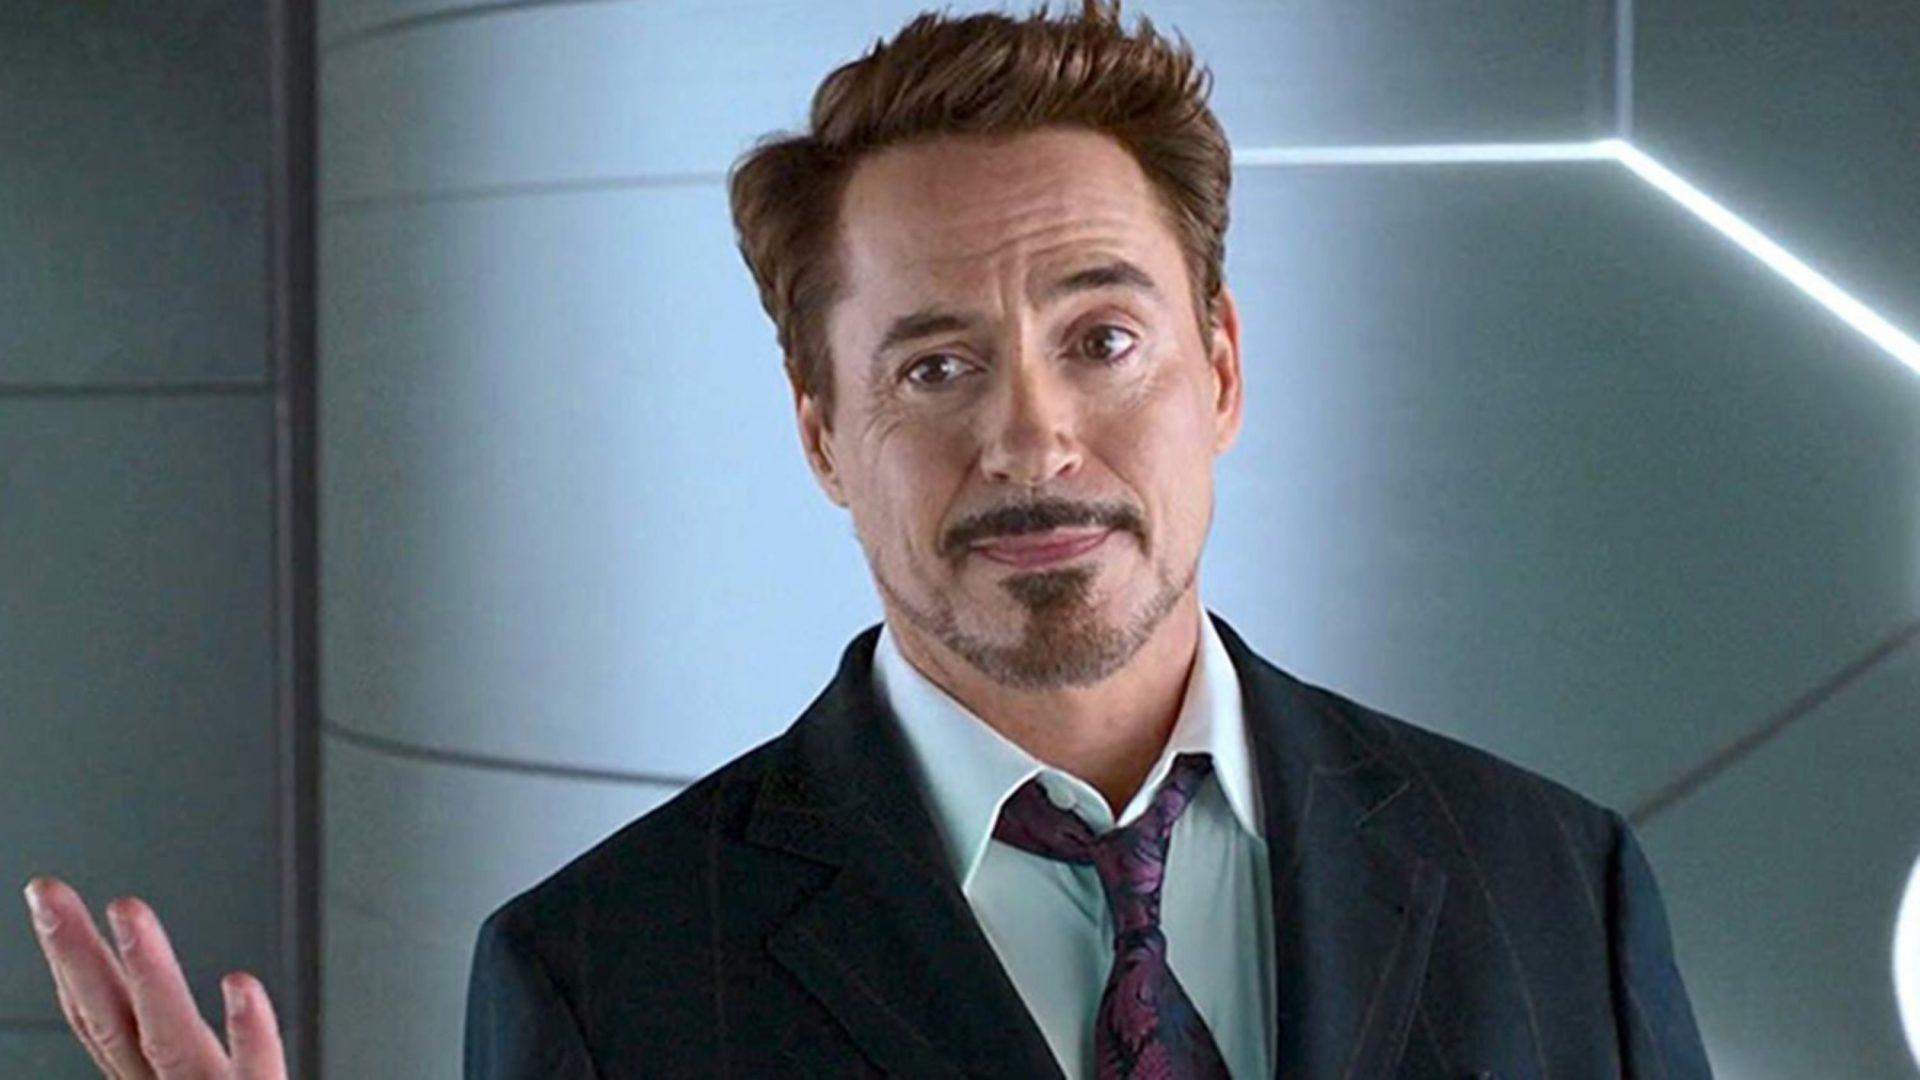 Robert Downey Jr. fatura R$ 5 milhões por minuto em filme da Marvel